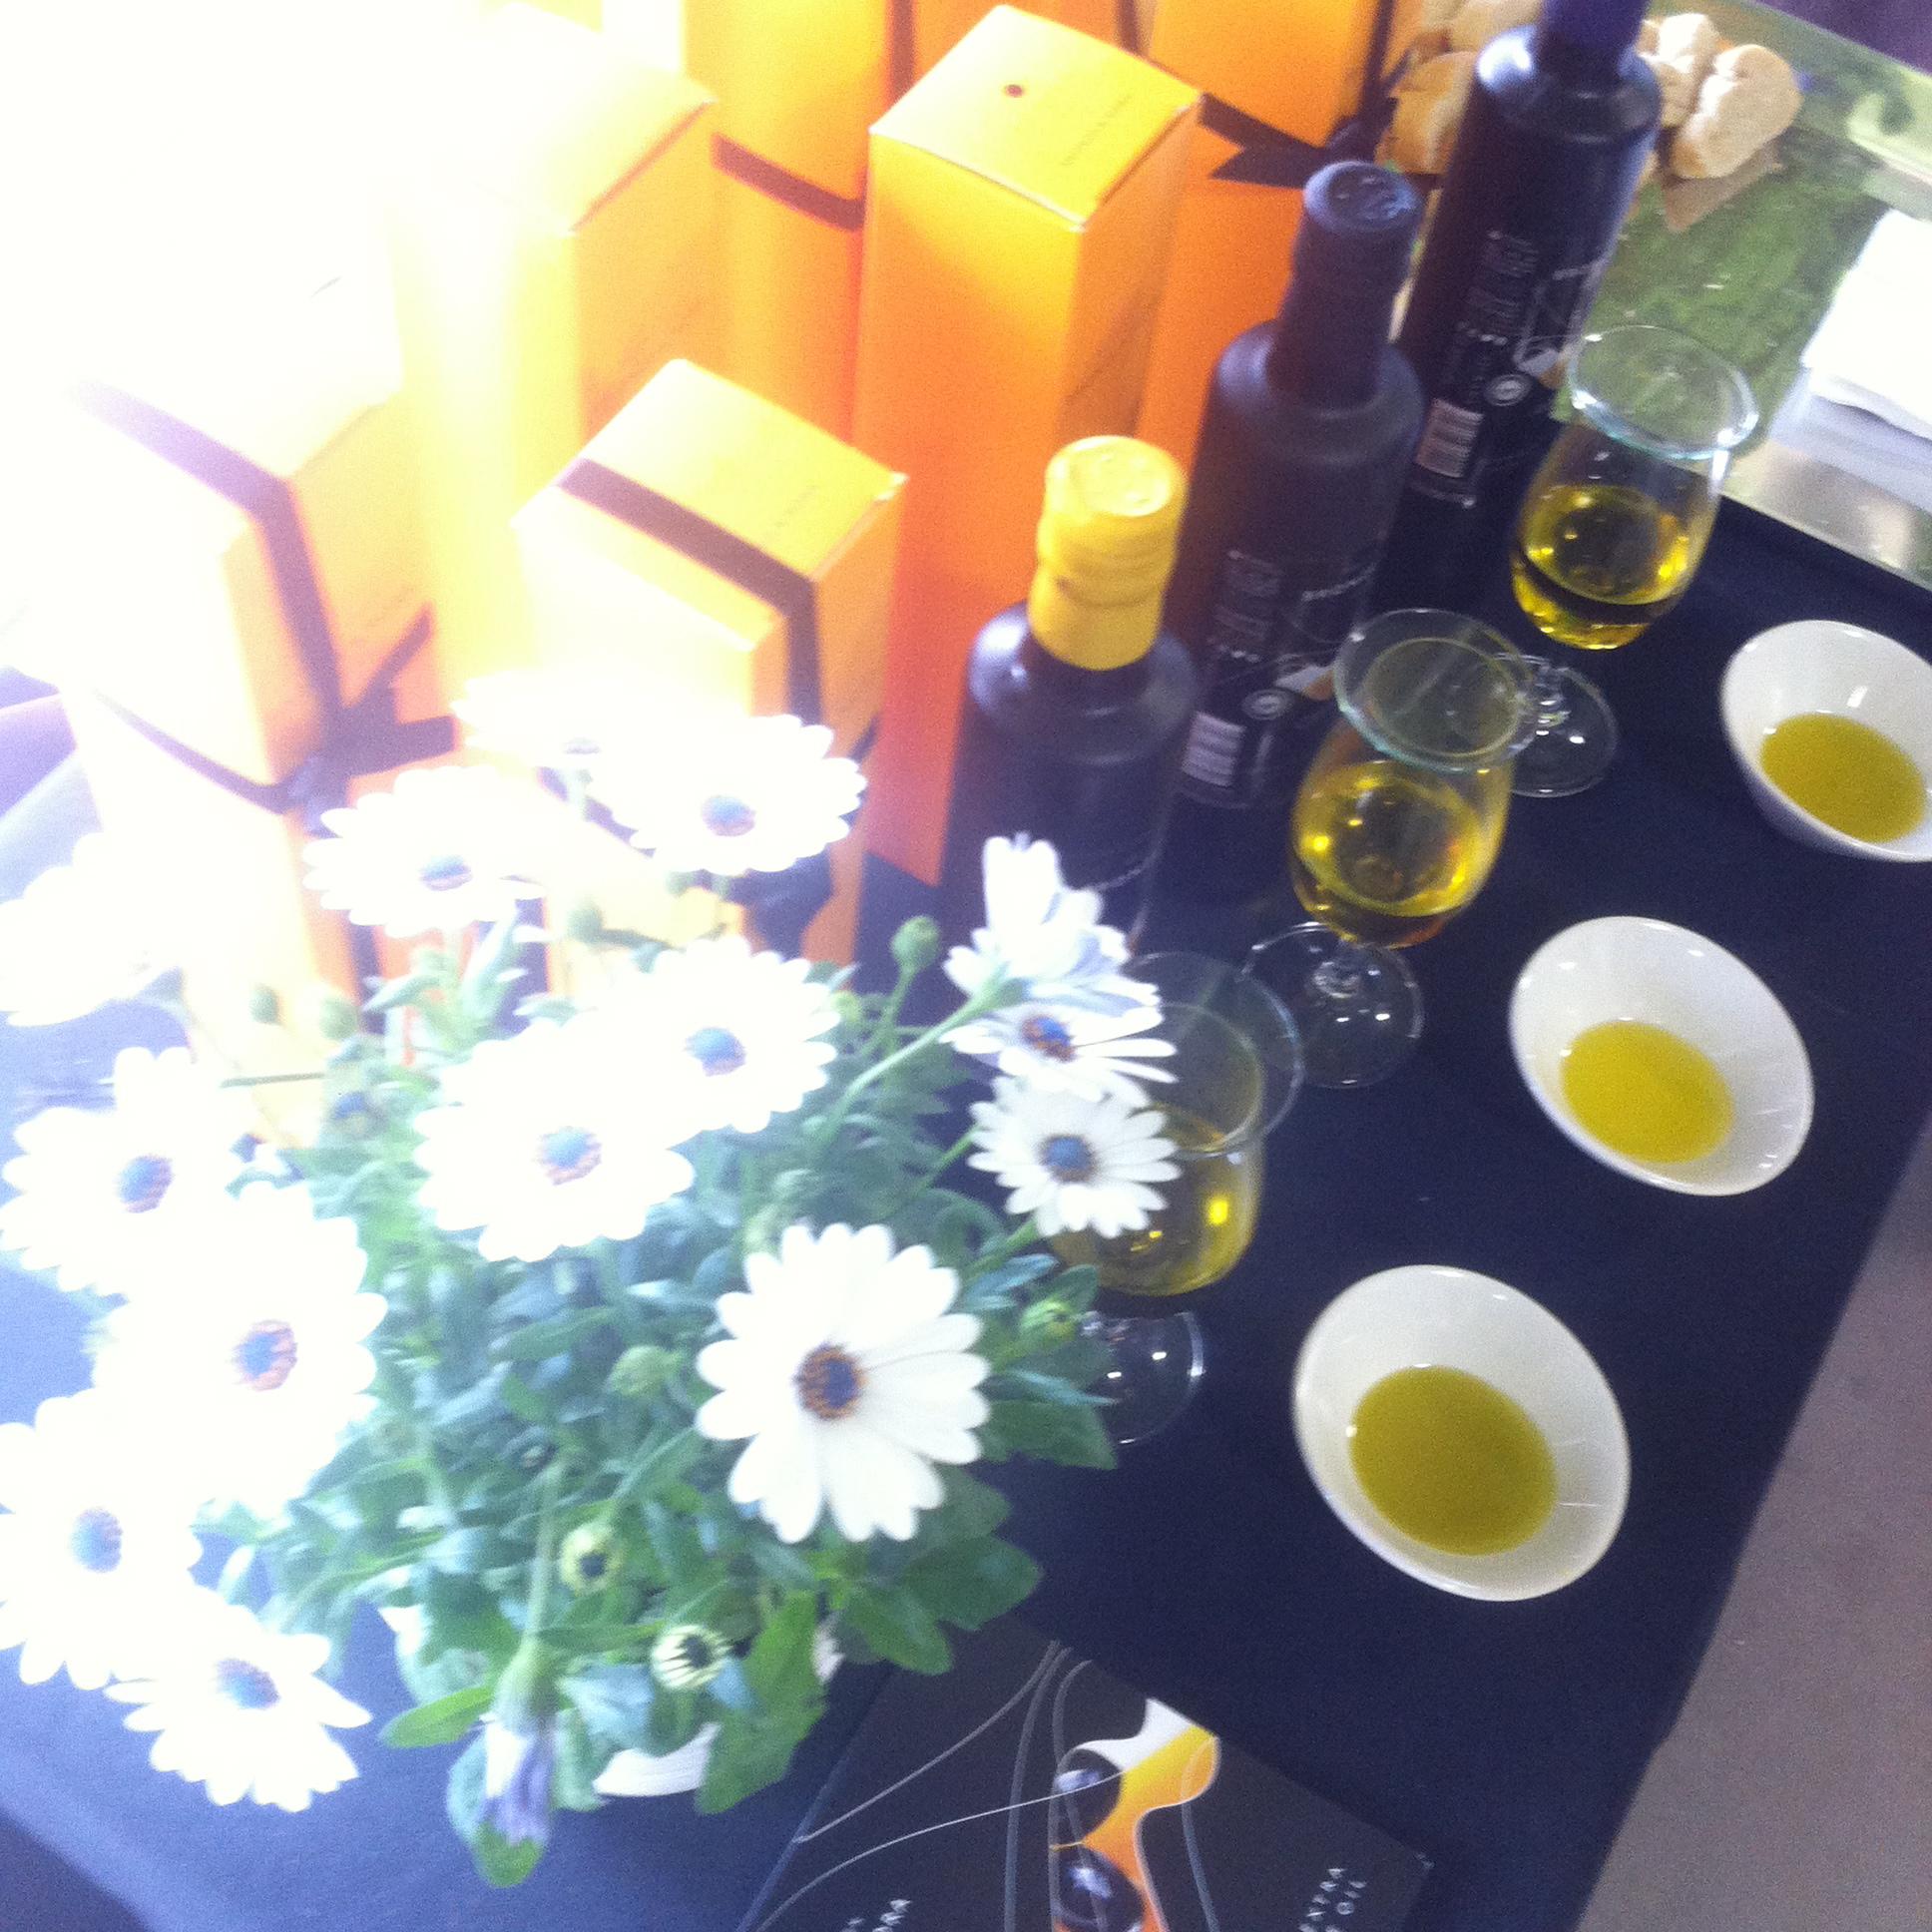 aceite-de-oliva-virgen-extra-bronze-&-Mora-en-Nomada-Market-el-mejor-y-exclusivo-aove-para-regalar-un-regalo-unico-y-original